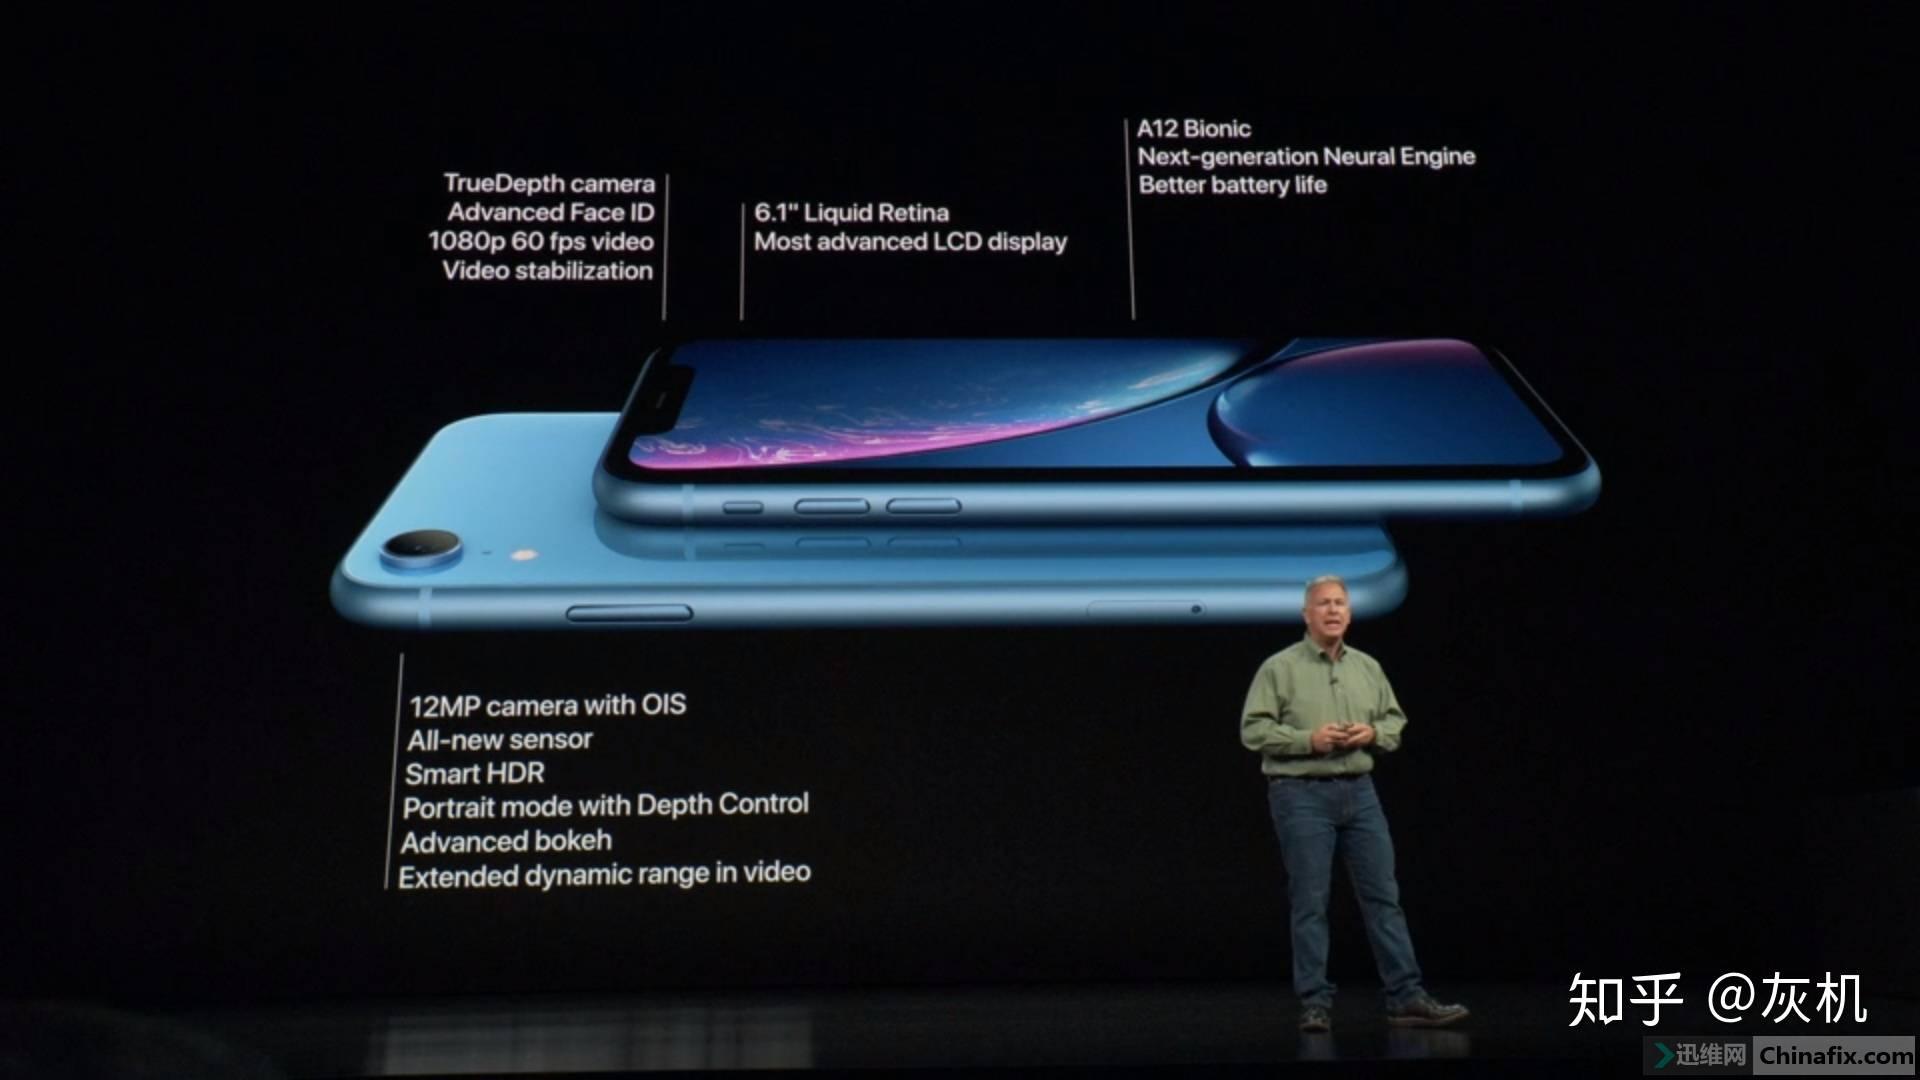 如何看待苹果 2018 年推出的 iPhone XR?配置和性能如何?-2.jpg